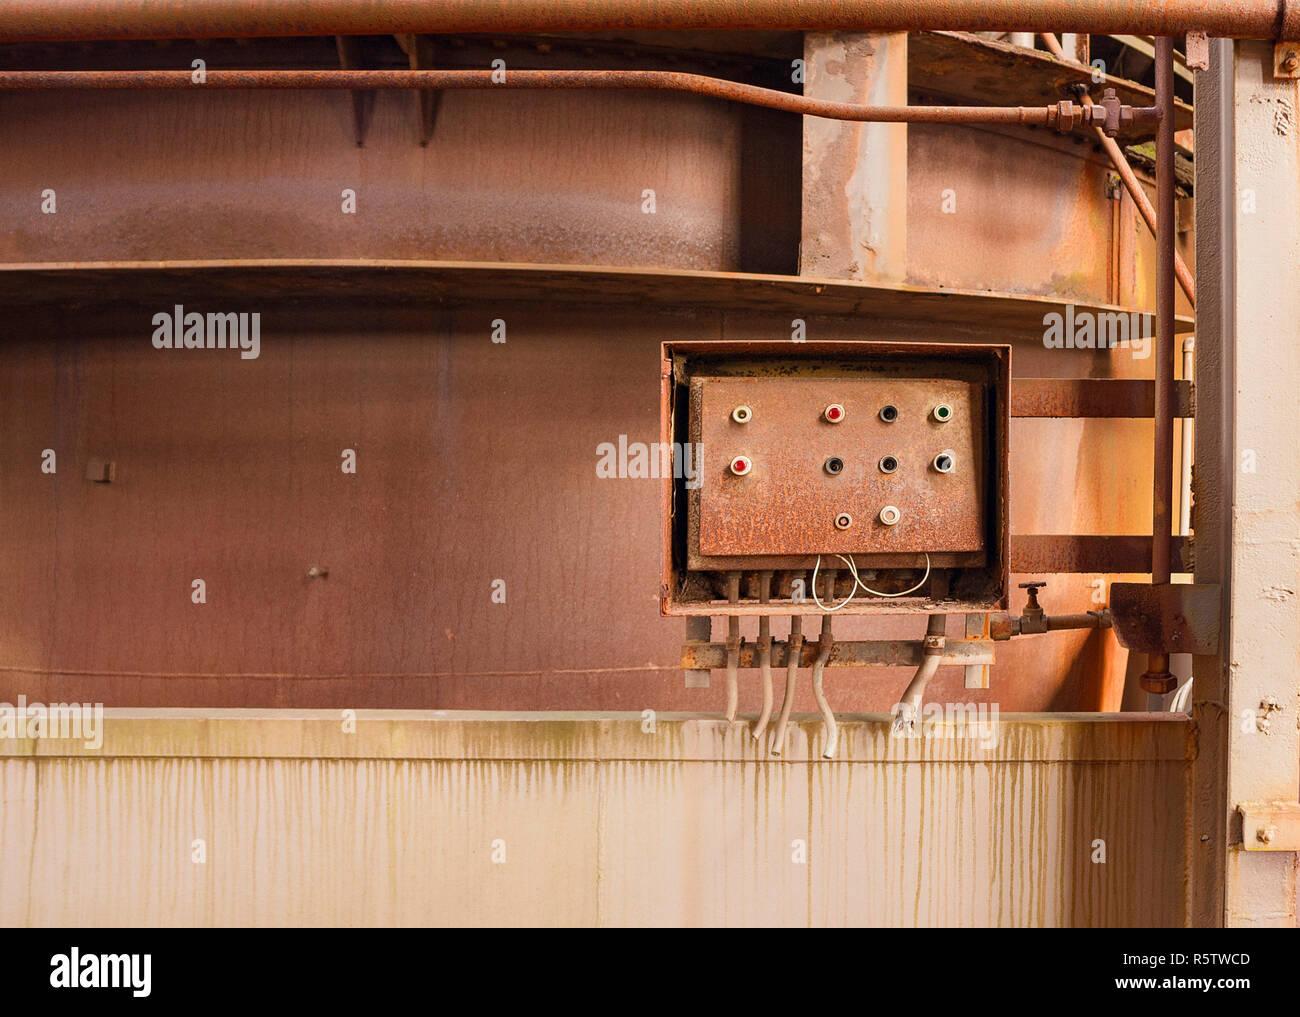 Verwitterte rusty industrielle Landschaft mit alten korrodierte Bedienfeld Stockbild